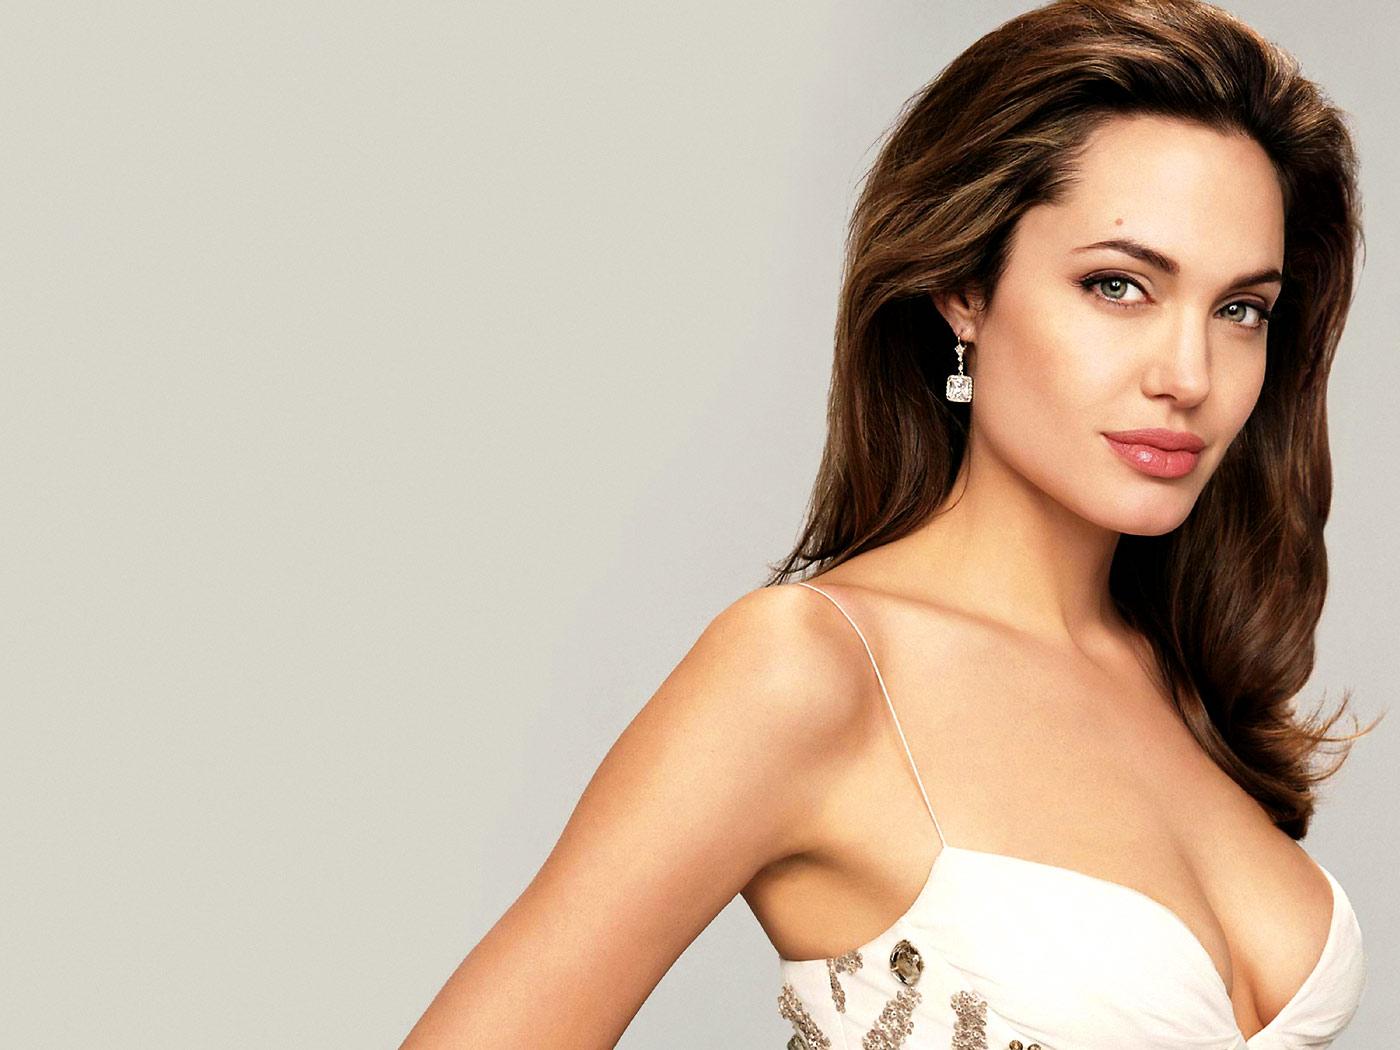 Angelina Jolie Sexy Pics angelina jolie has double mastectomy - a hot mama